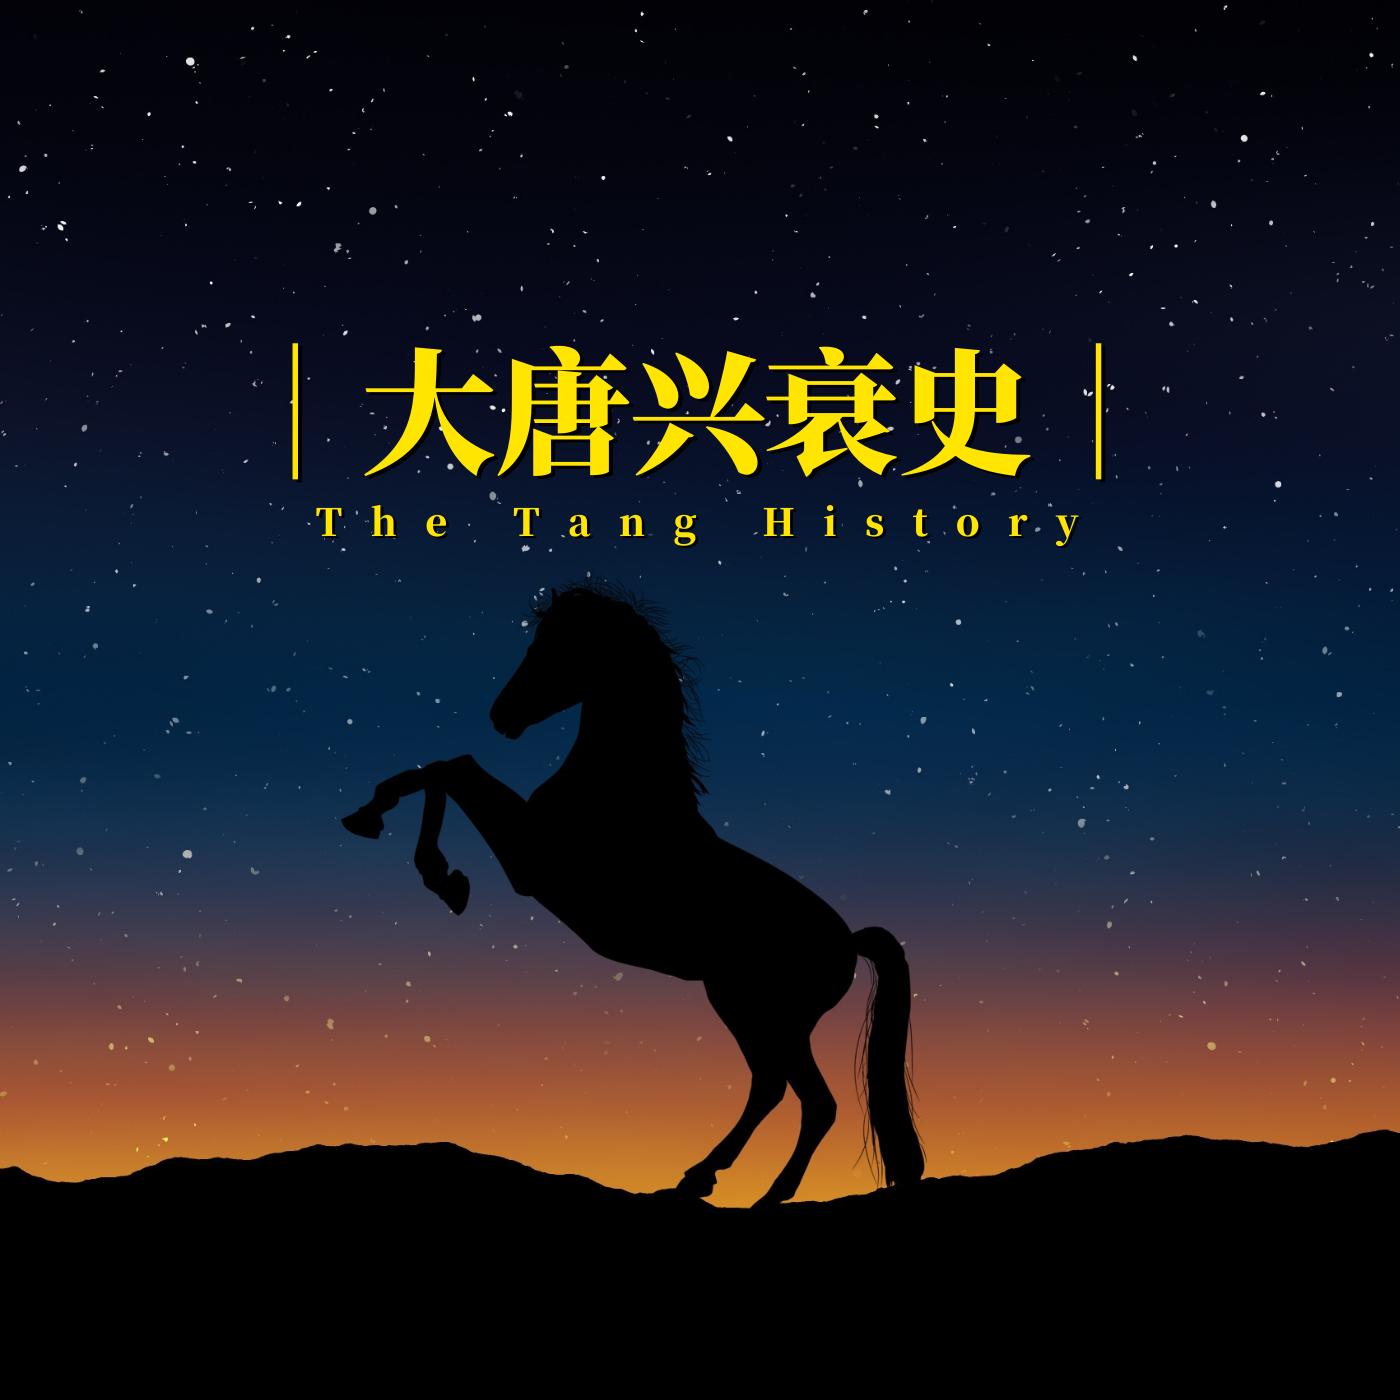 大唐兴衰史/快速了解唐朝历史